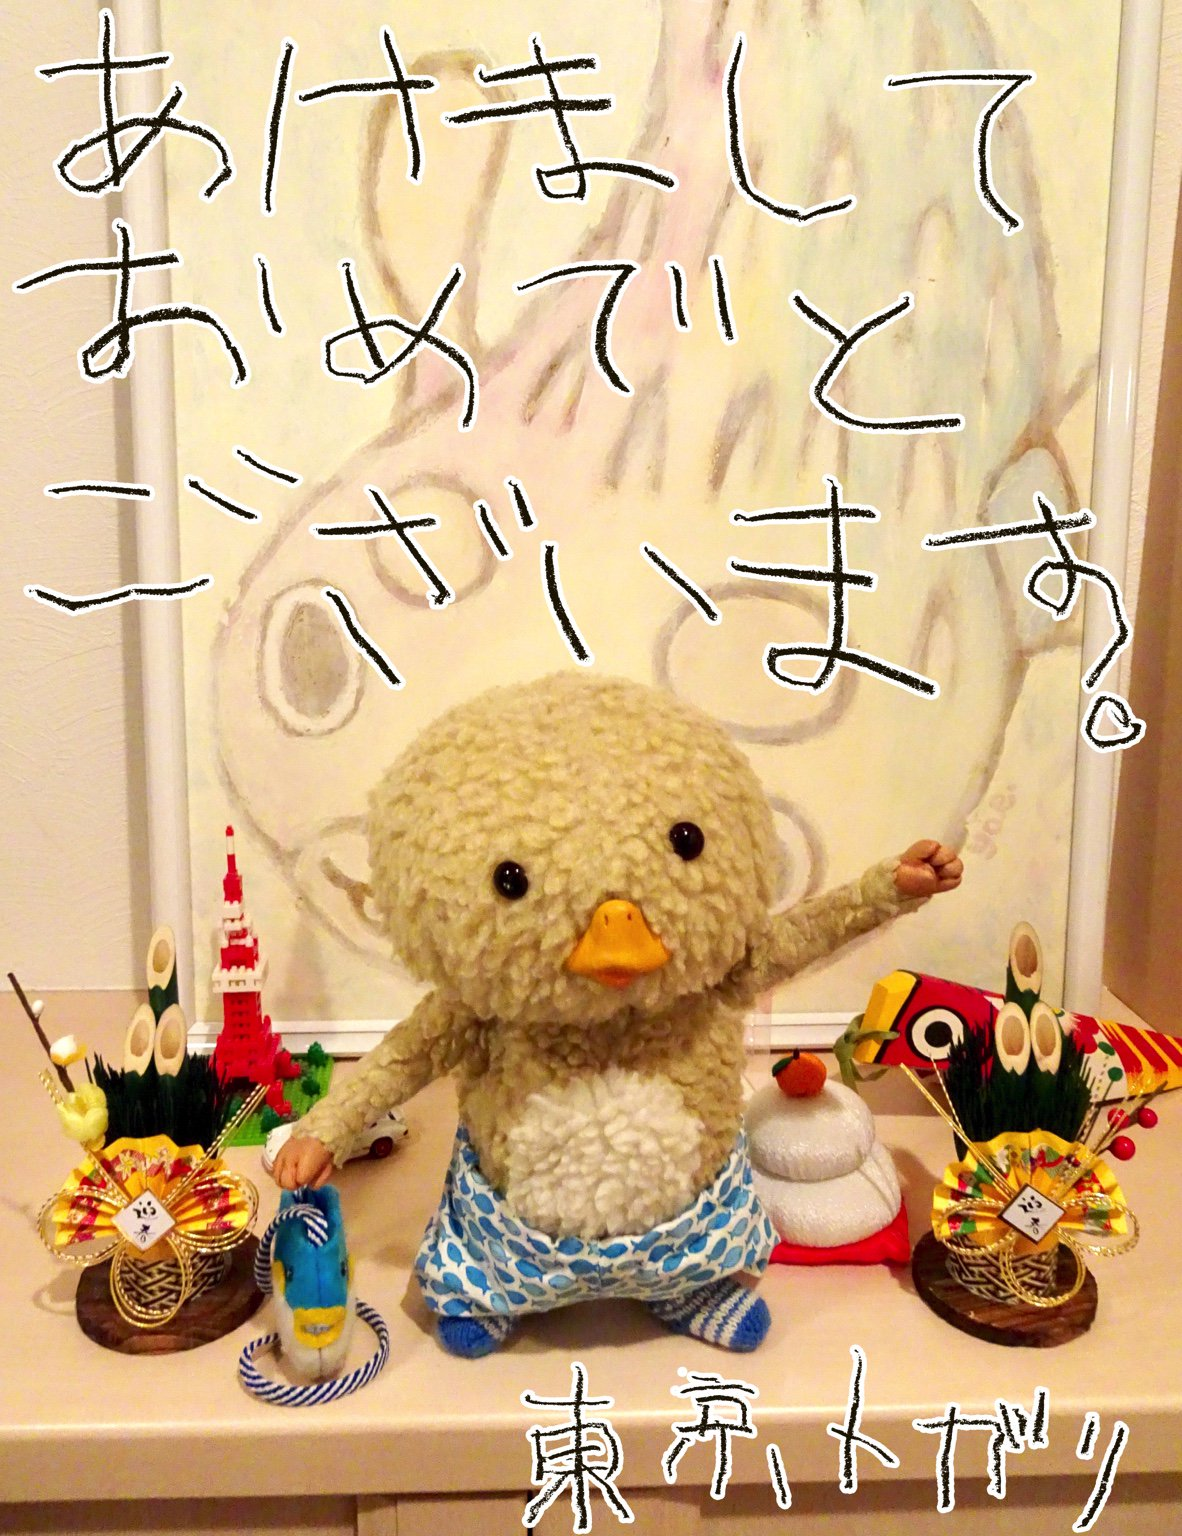 東京トガリ,2018年,新年明けましておめでとう,Twitter